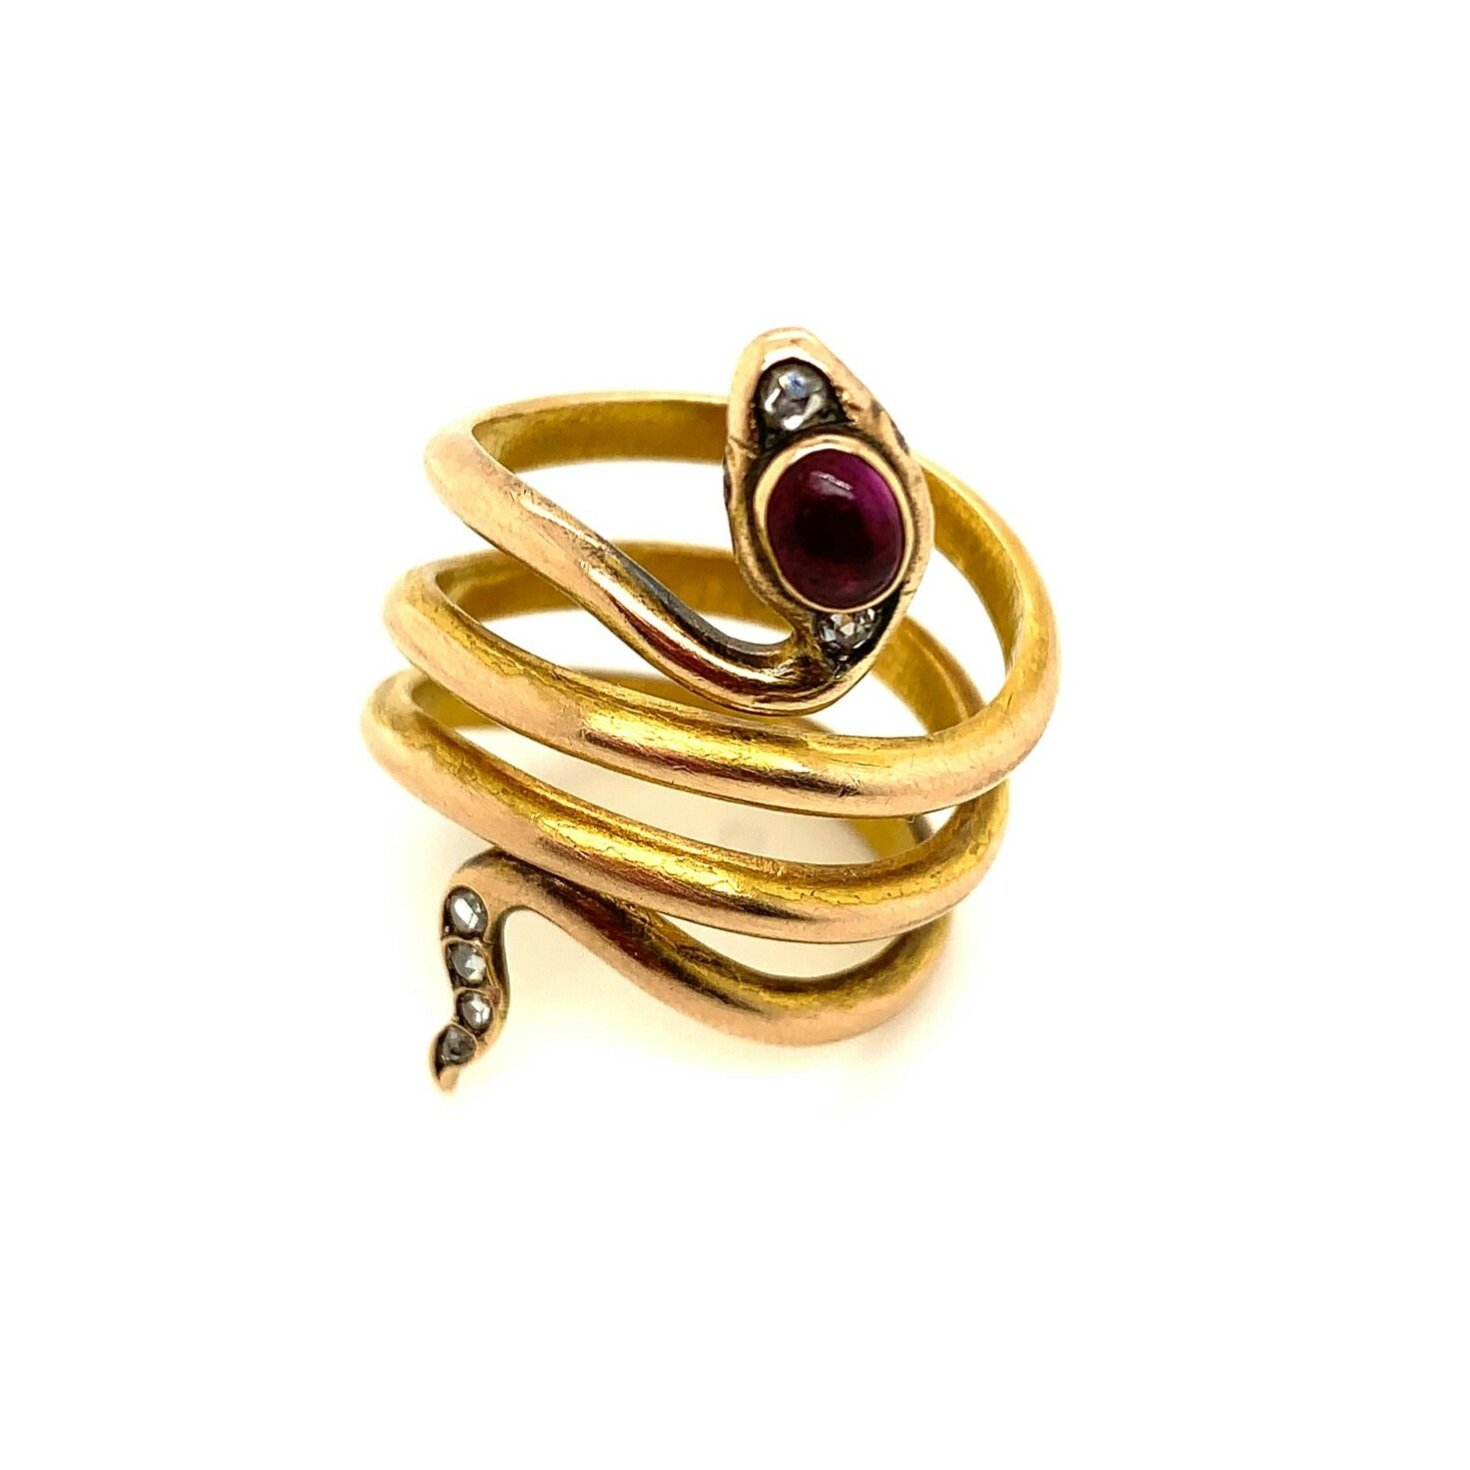 Faberge Erick Kollin Snake Ring   Est. US$ 6,500-7,500